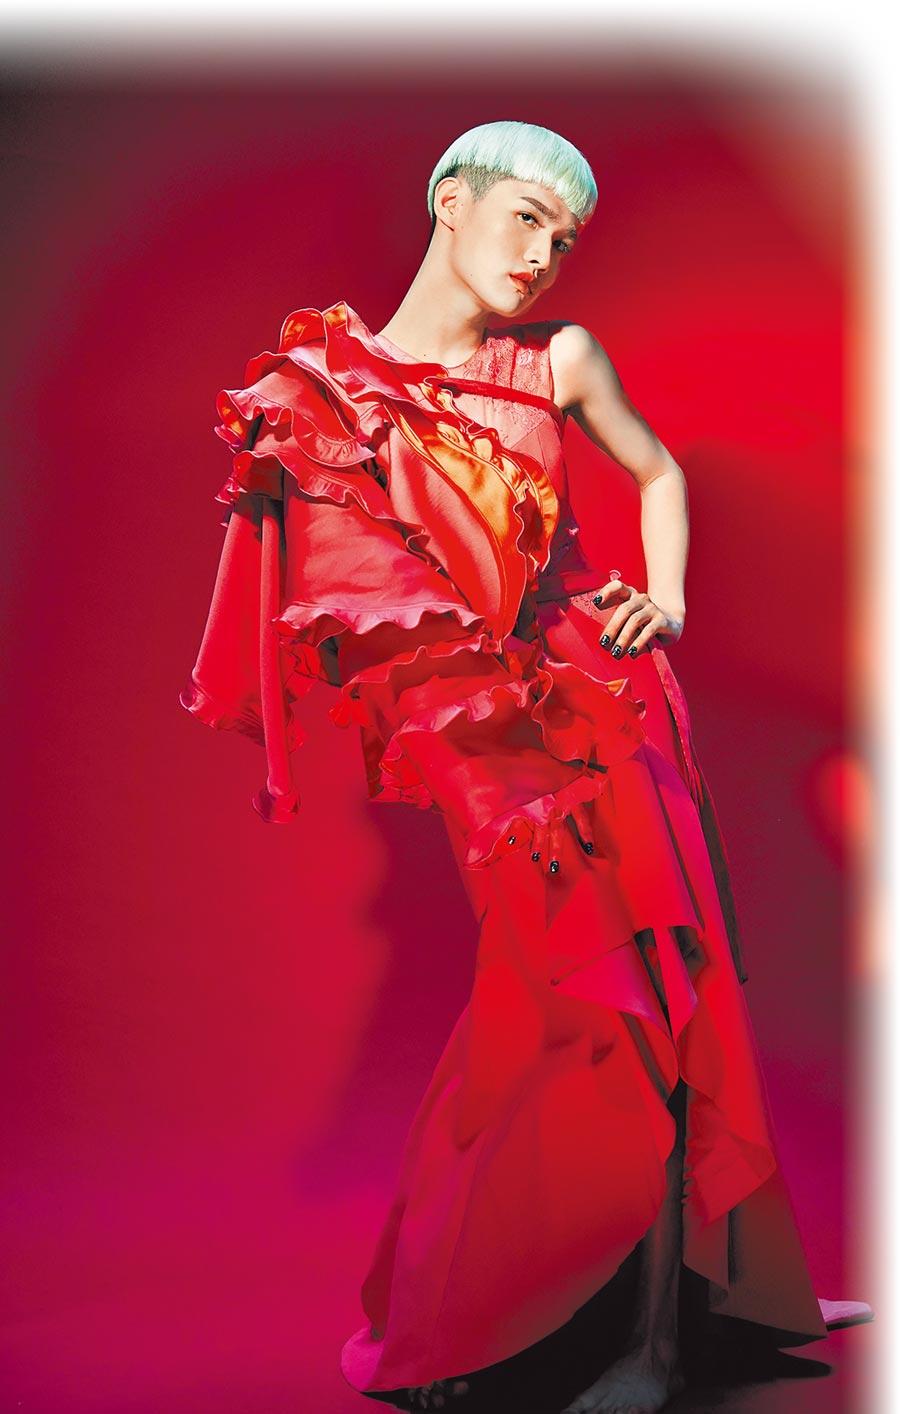 鍾明軒跨足音樂圈,推出單曲〈當我說真話的時候我感到自由〉。(飛碟娛樂提供)